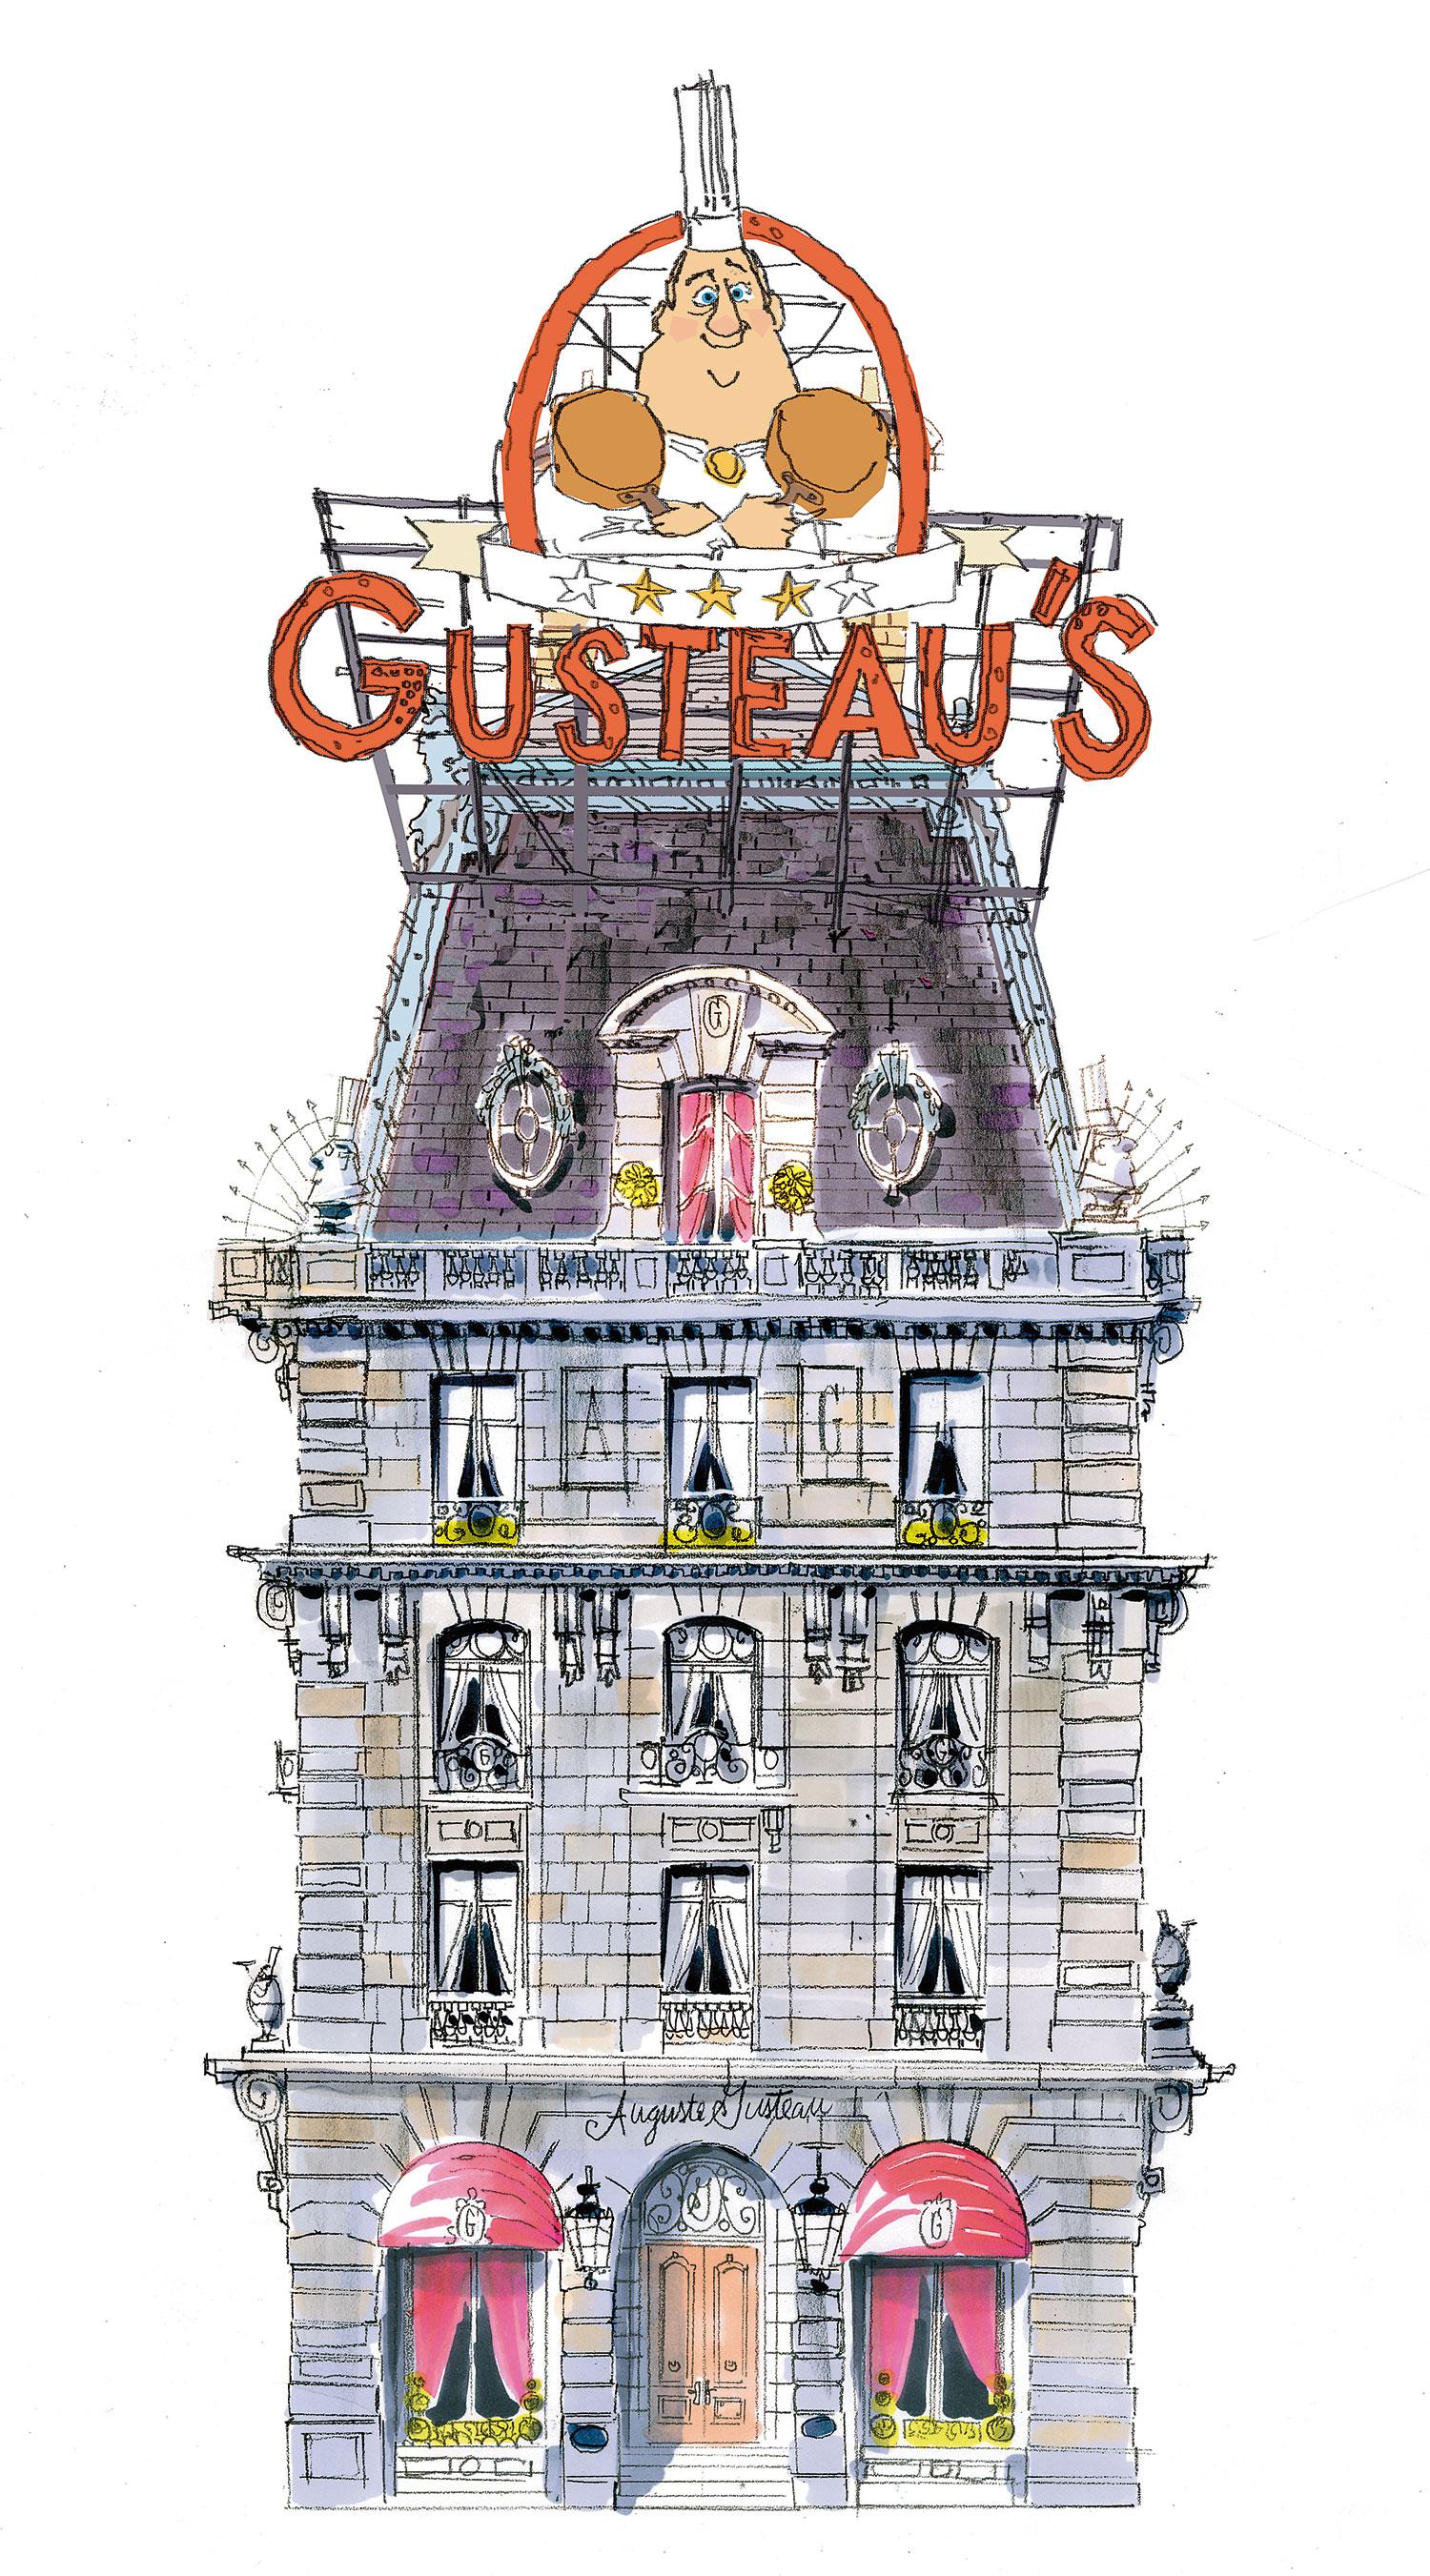 Gusteaus10.jpg